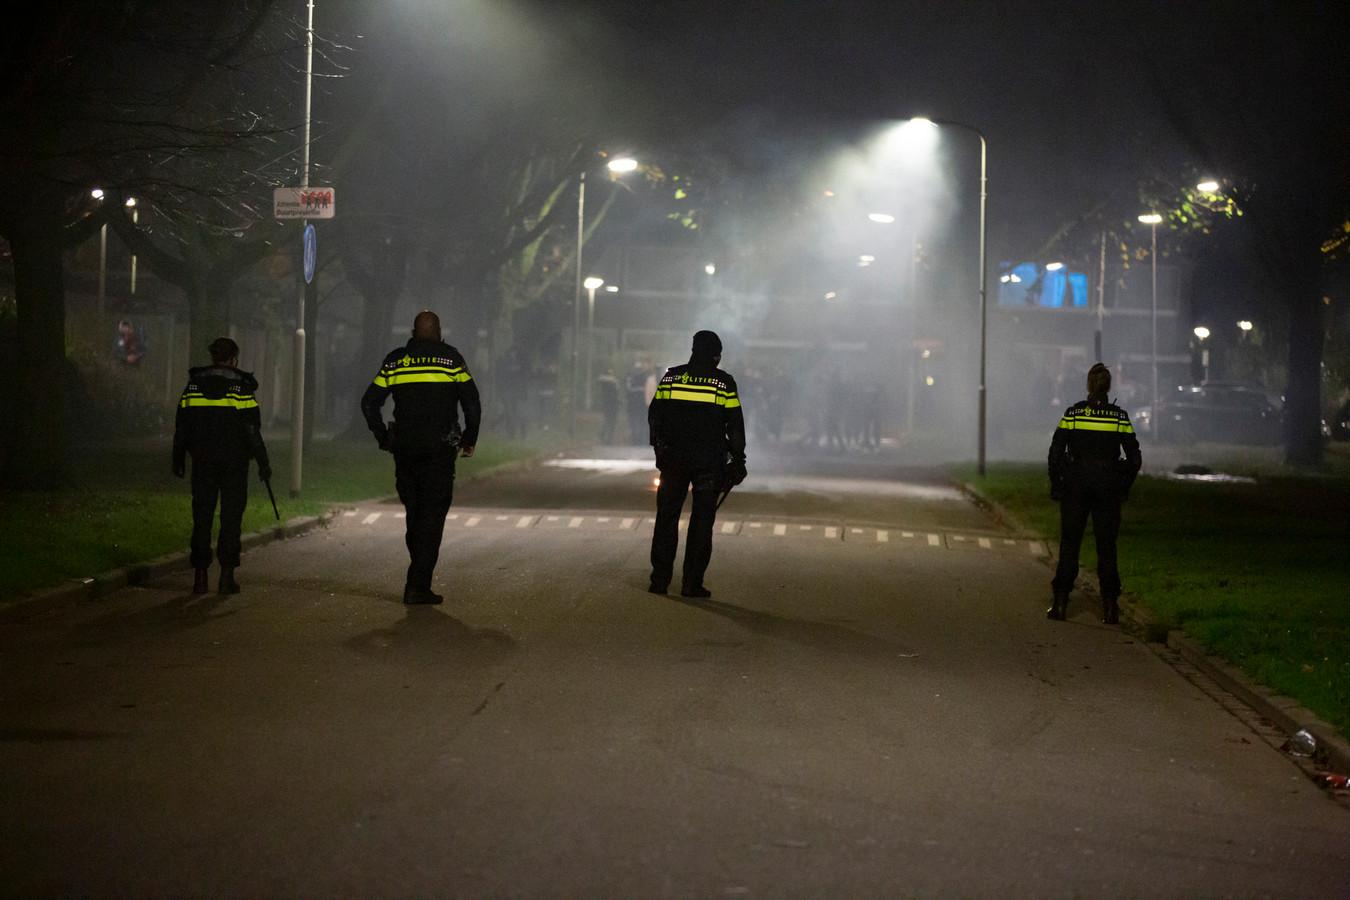 De politie vormde een linie en heeft de Elisadonk in Roosendaal schoongeveegd.